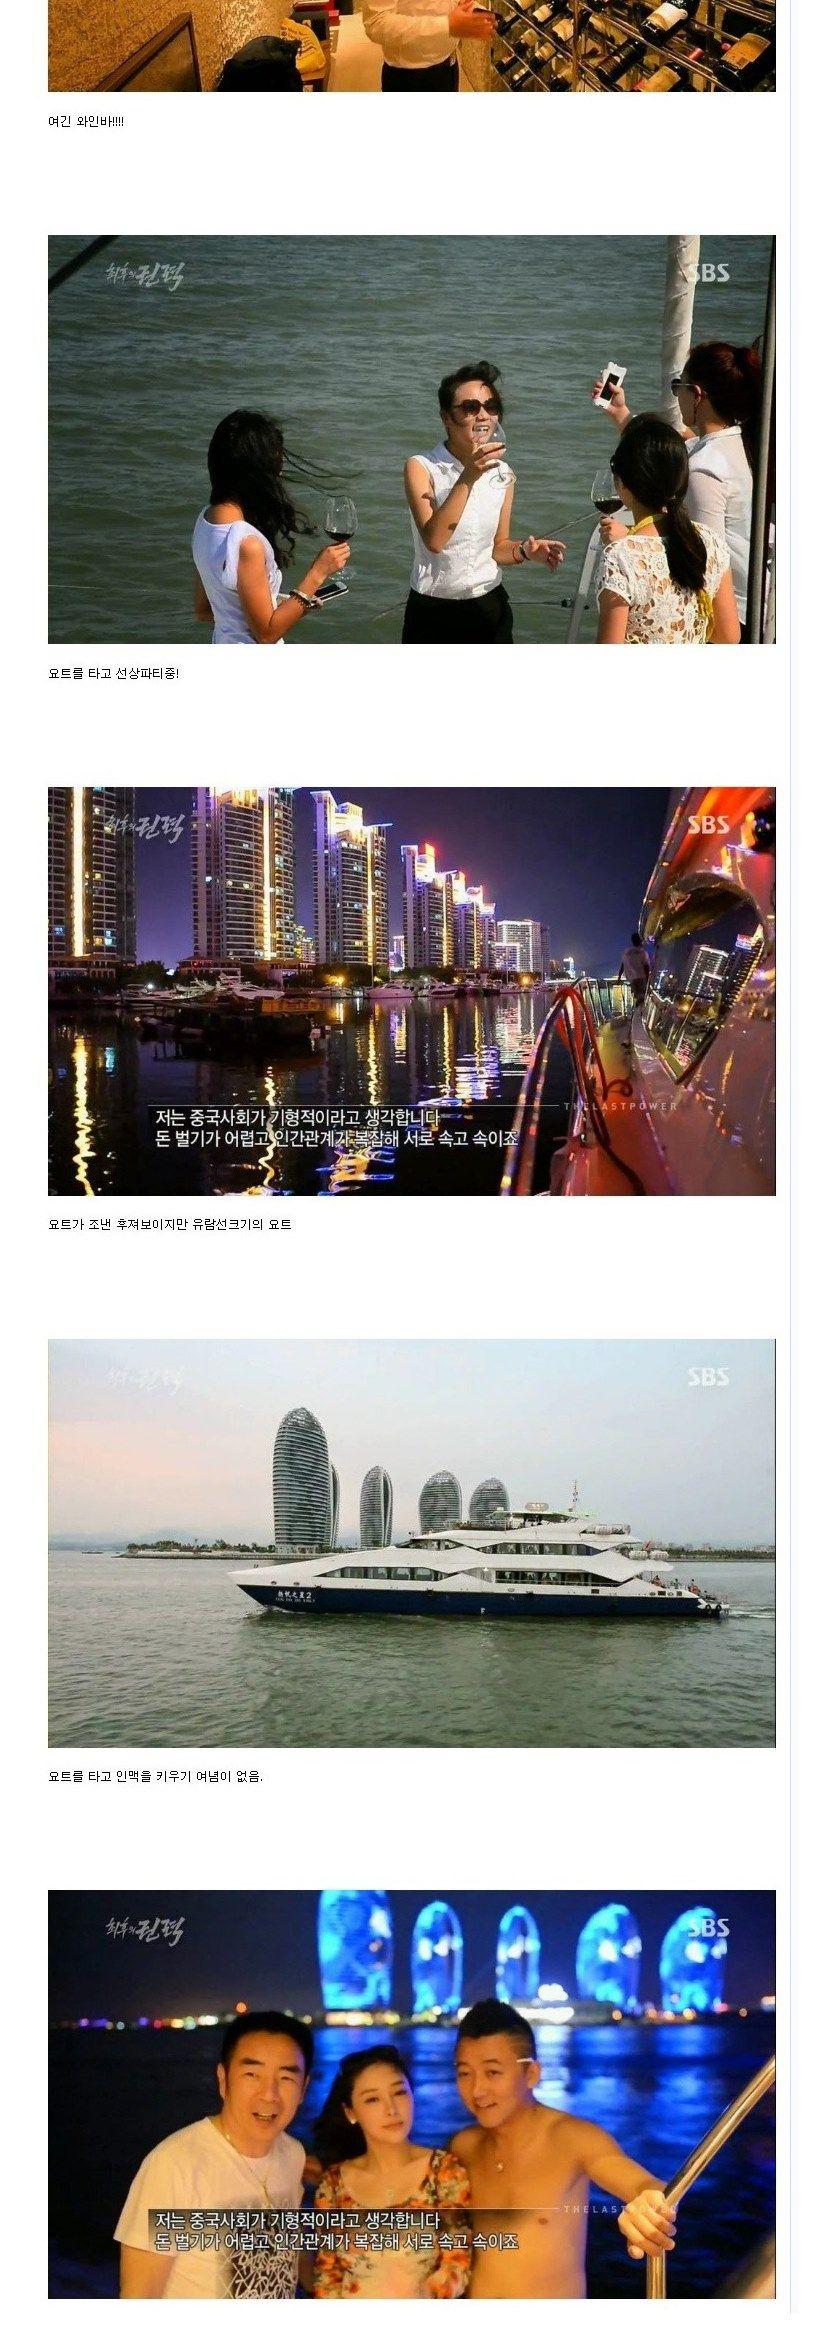 중국 재벌의 삶 :: 다나와 DPG